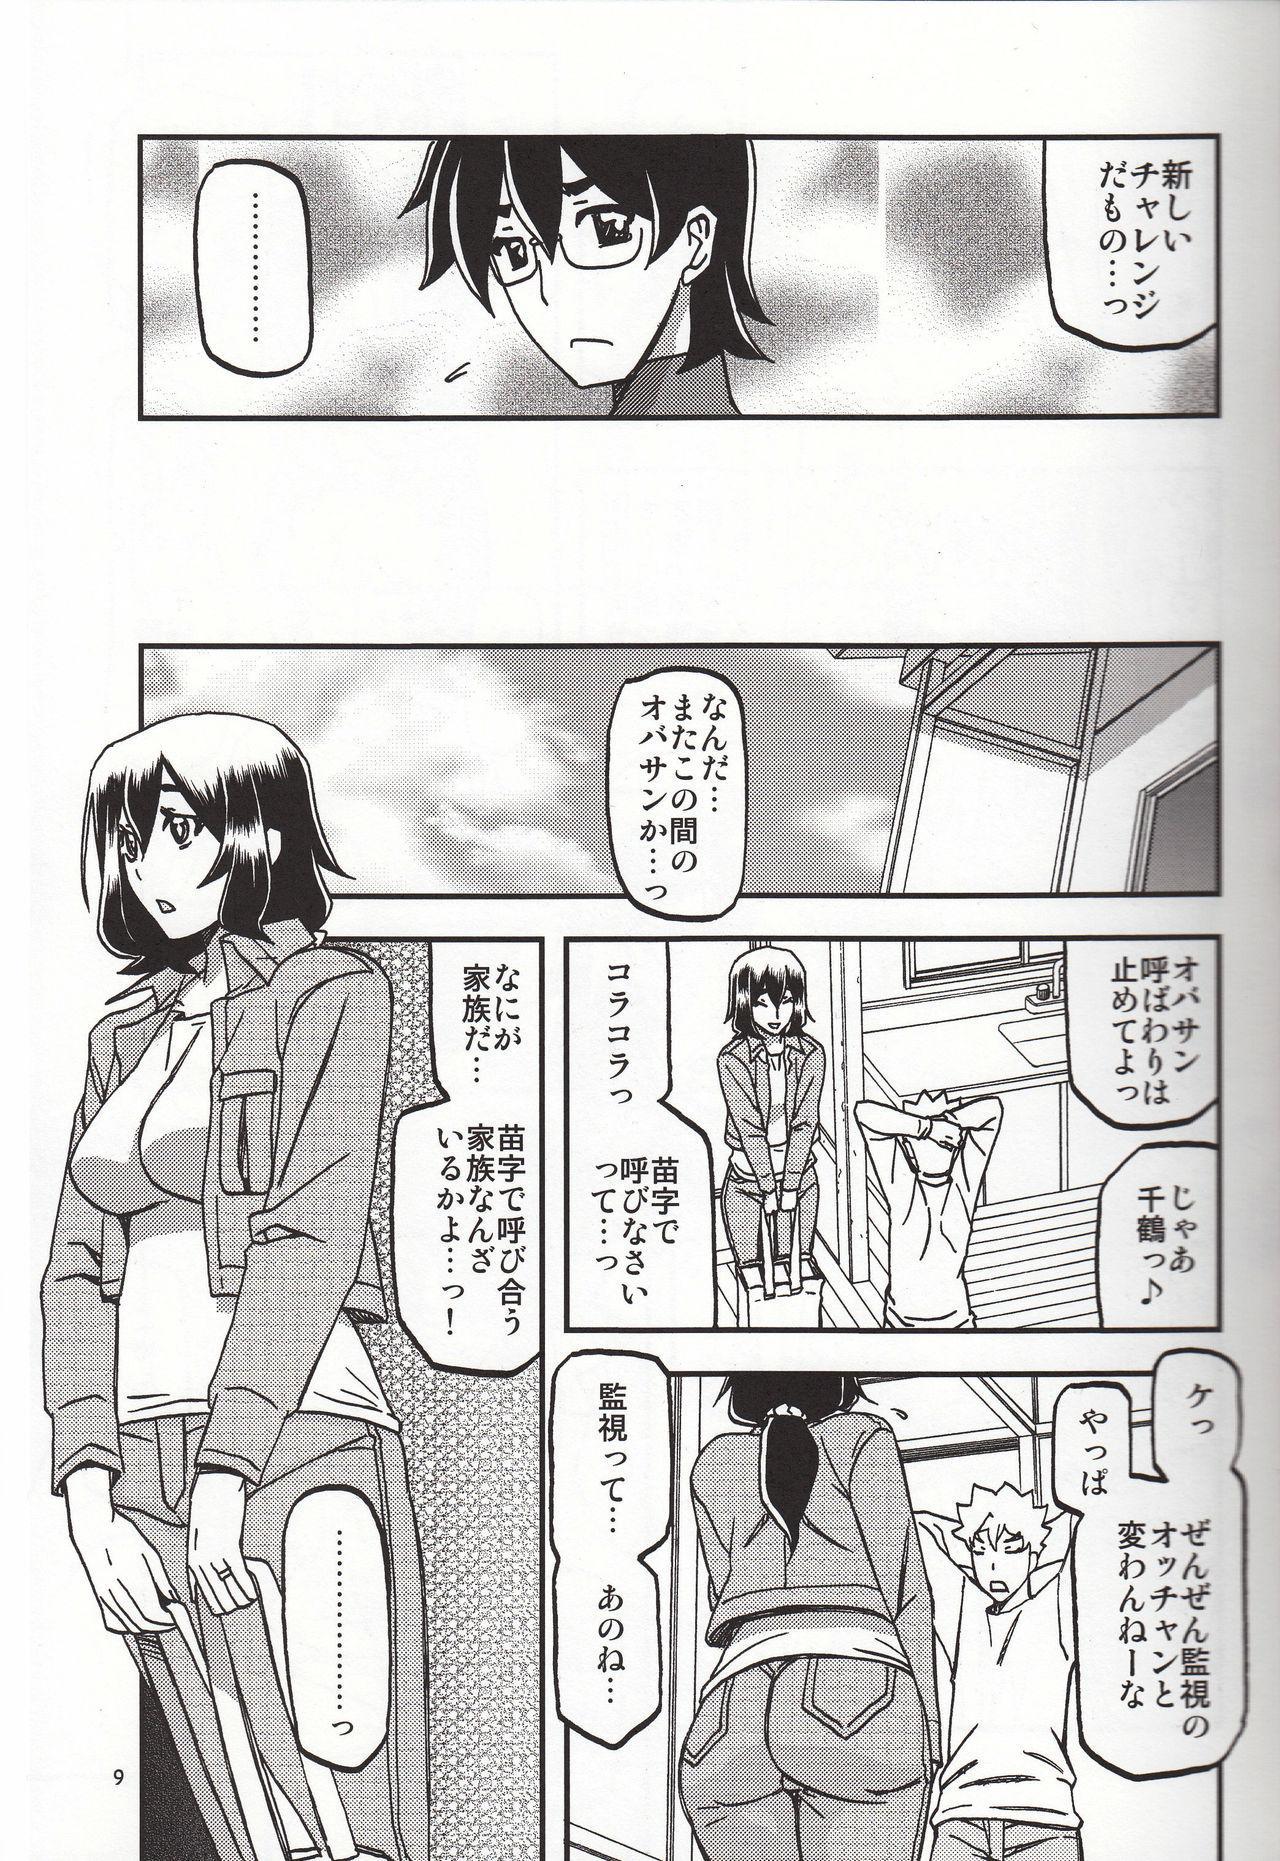 Akebi no Mi - Chizuru katei 7